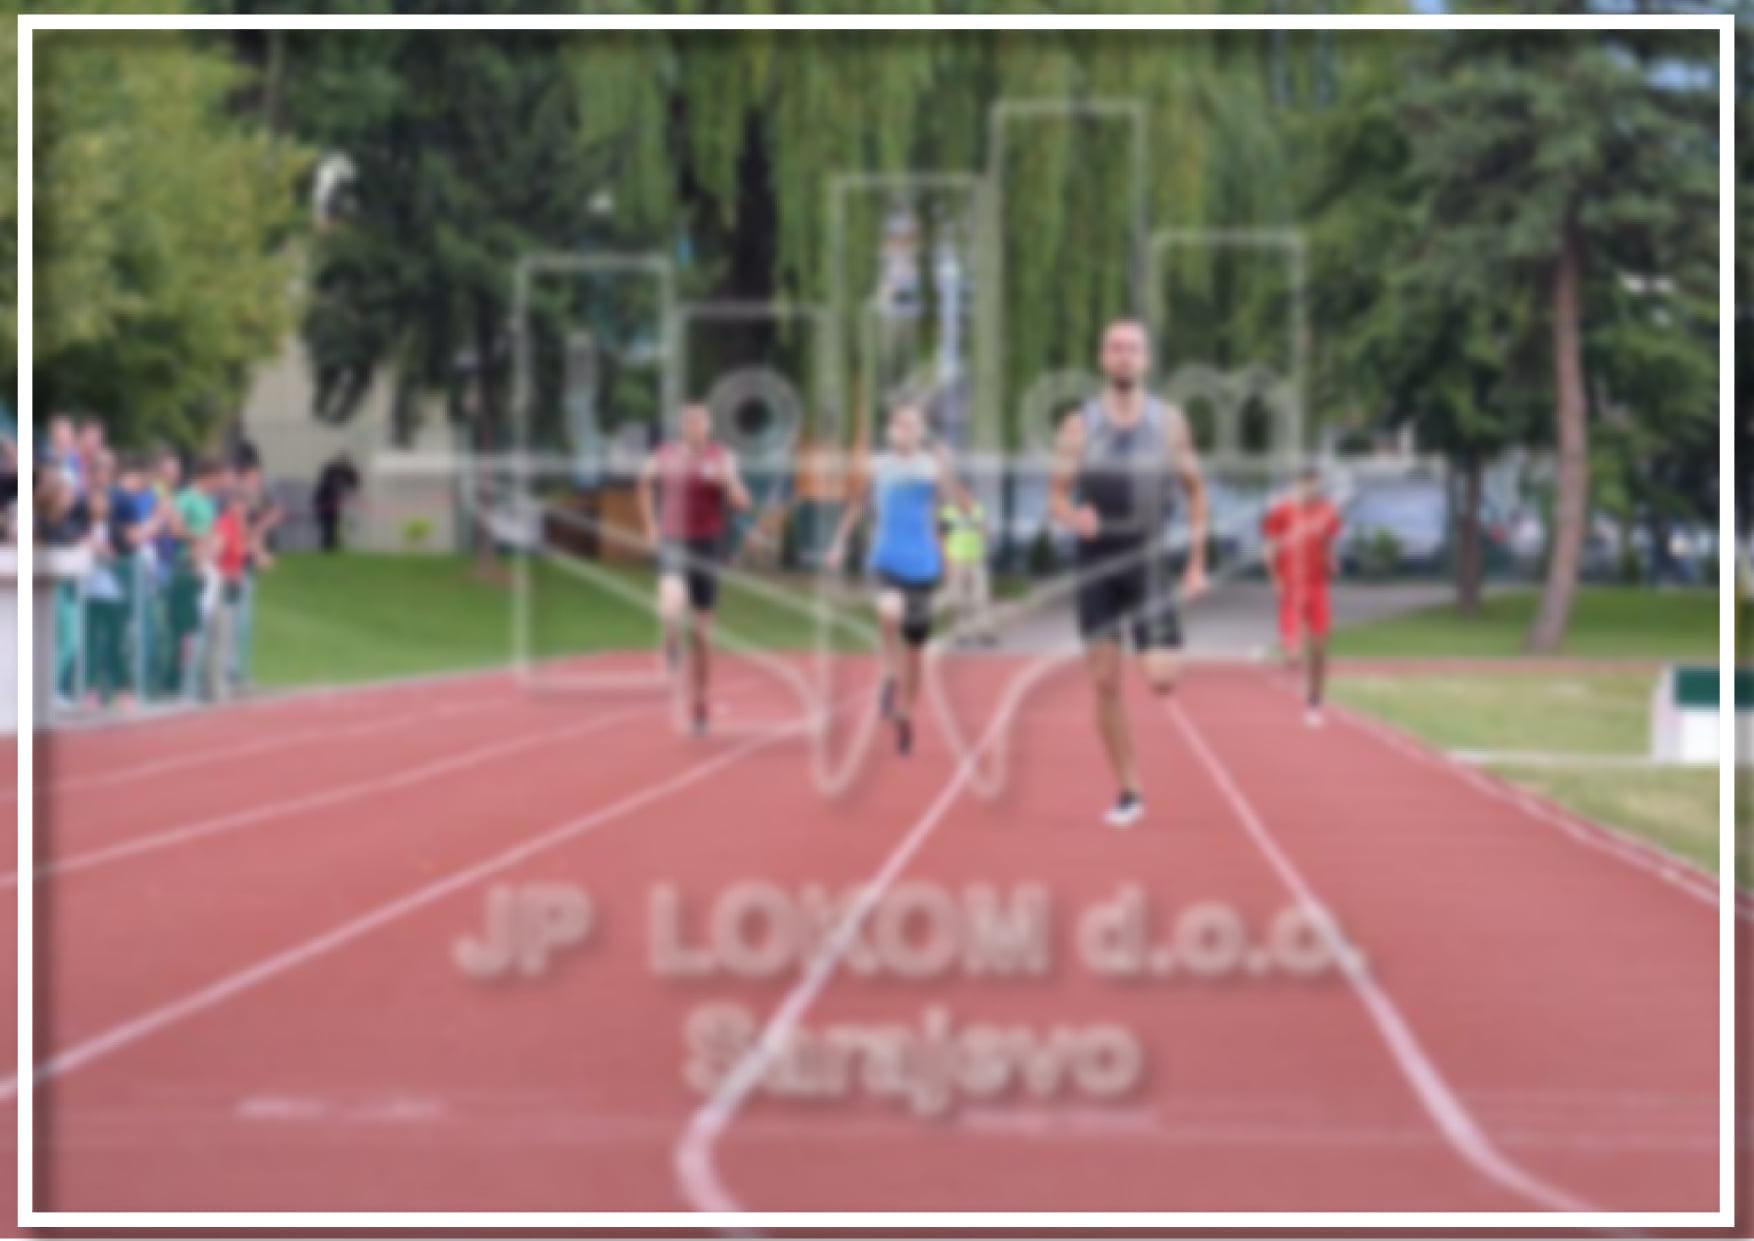 OBAVIJEST o korištenju atletske staze